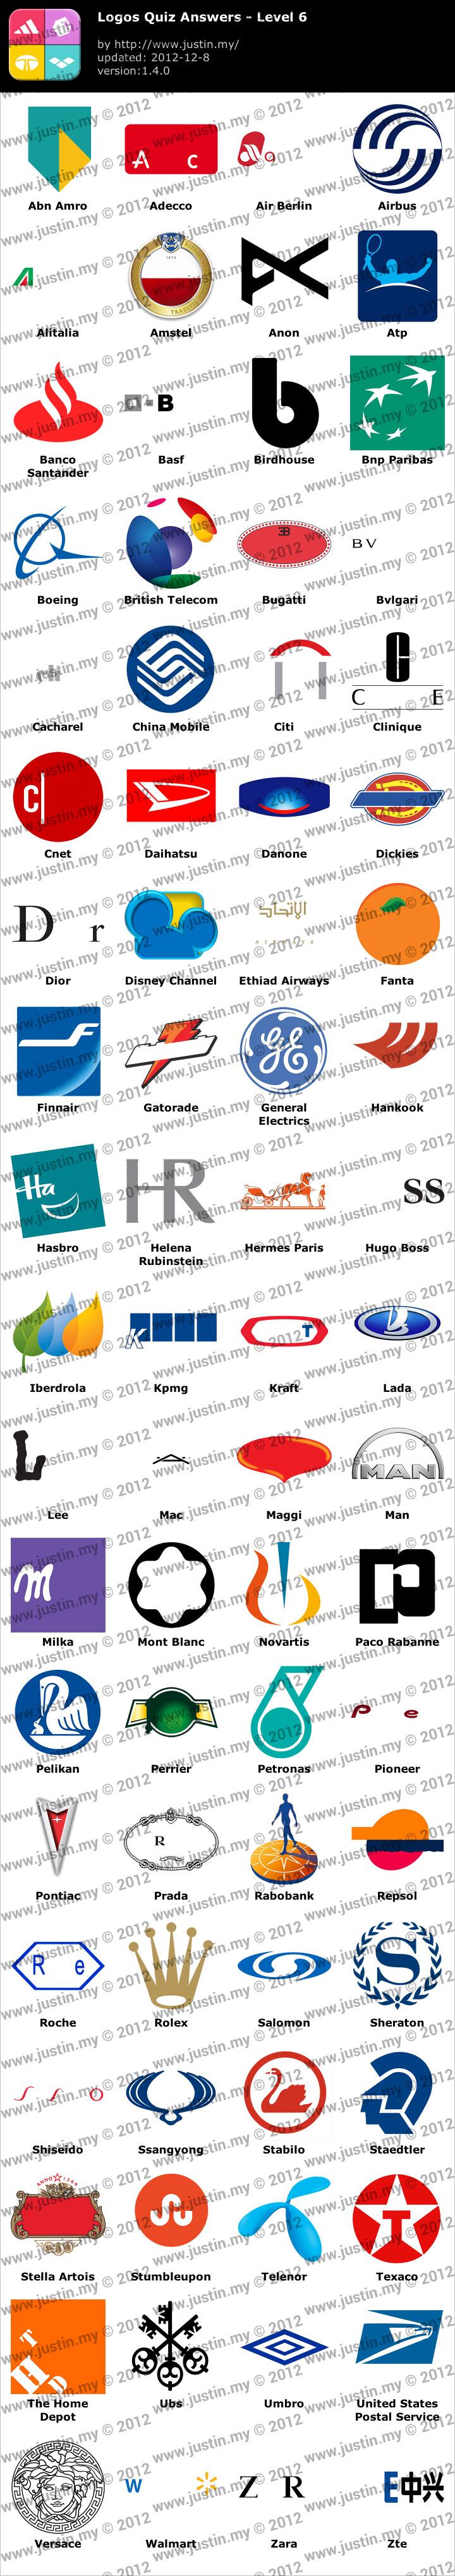 Logos Quiz Level 6